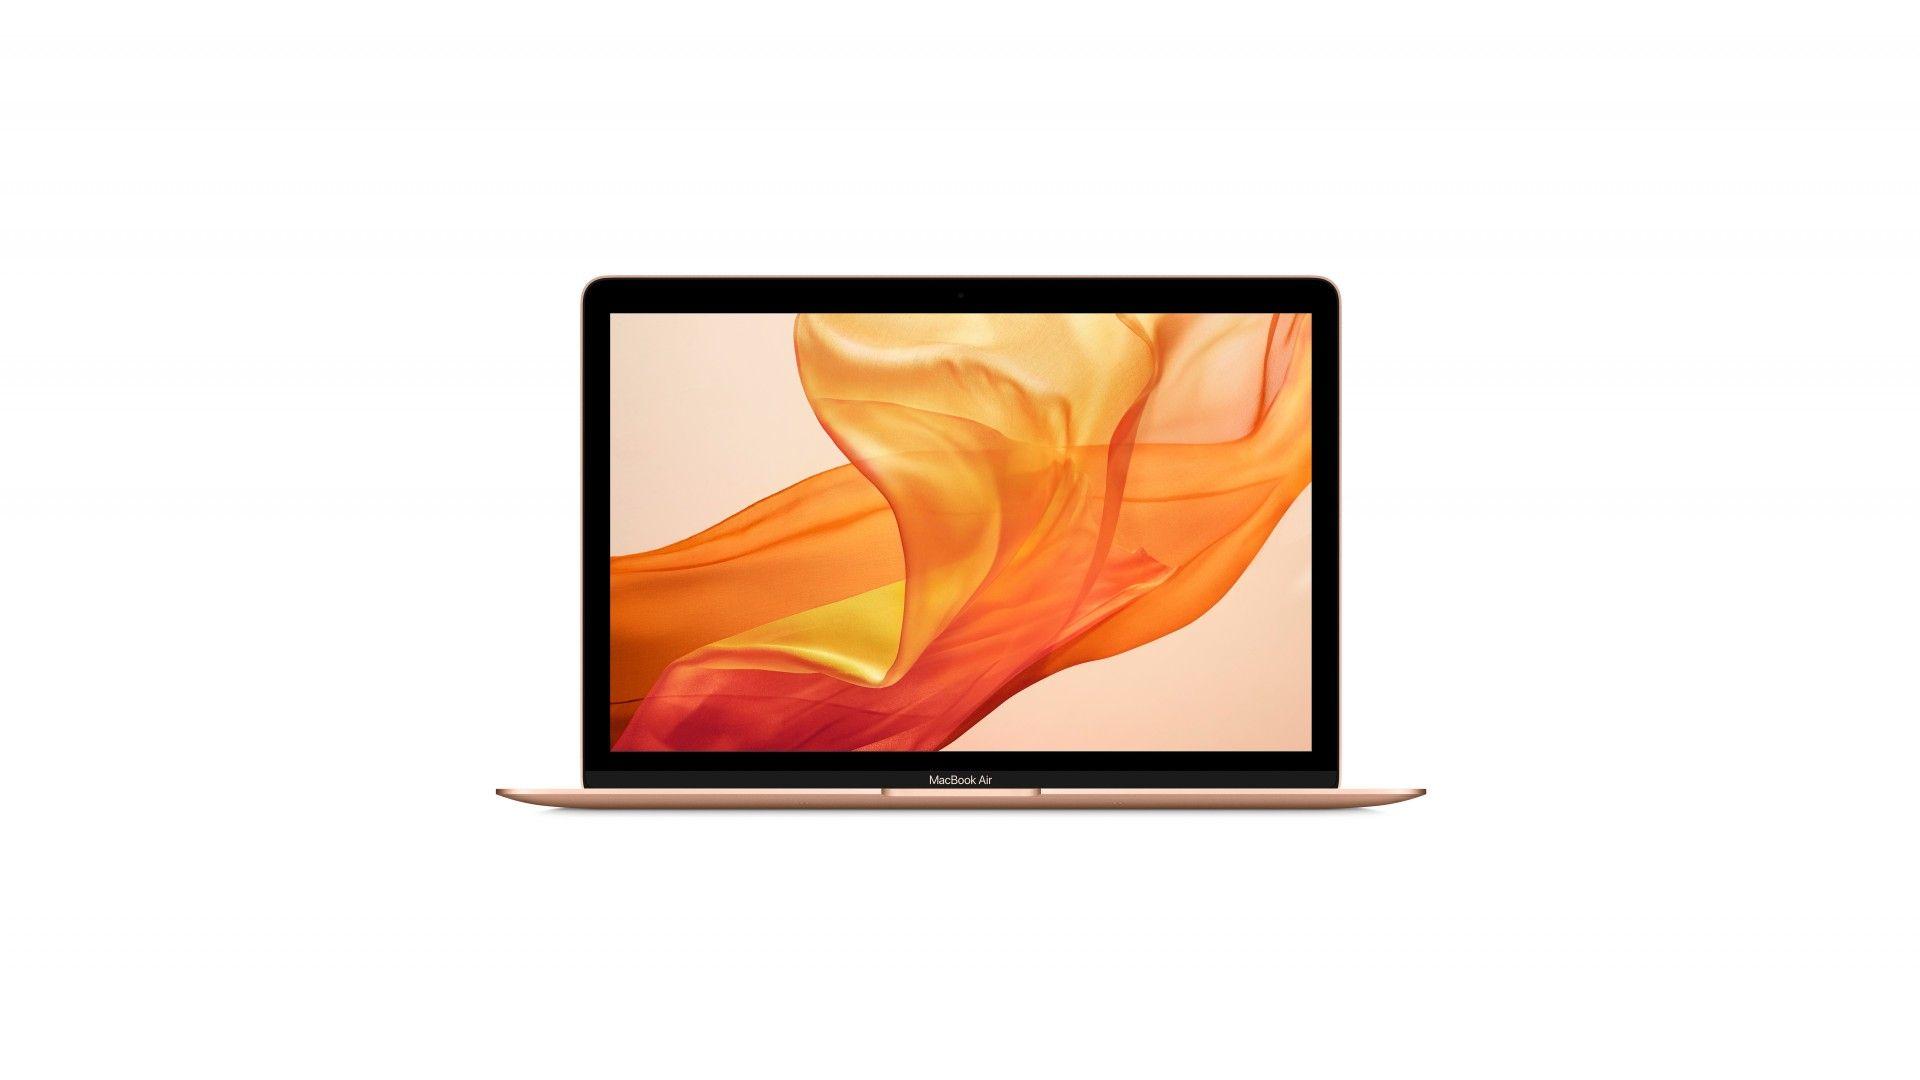 Macbook Air full hd wallpaper